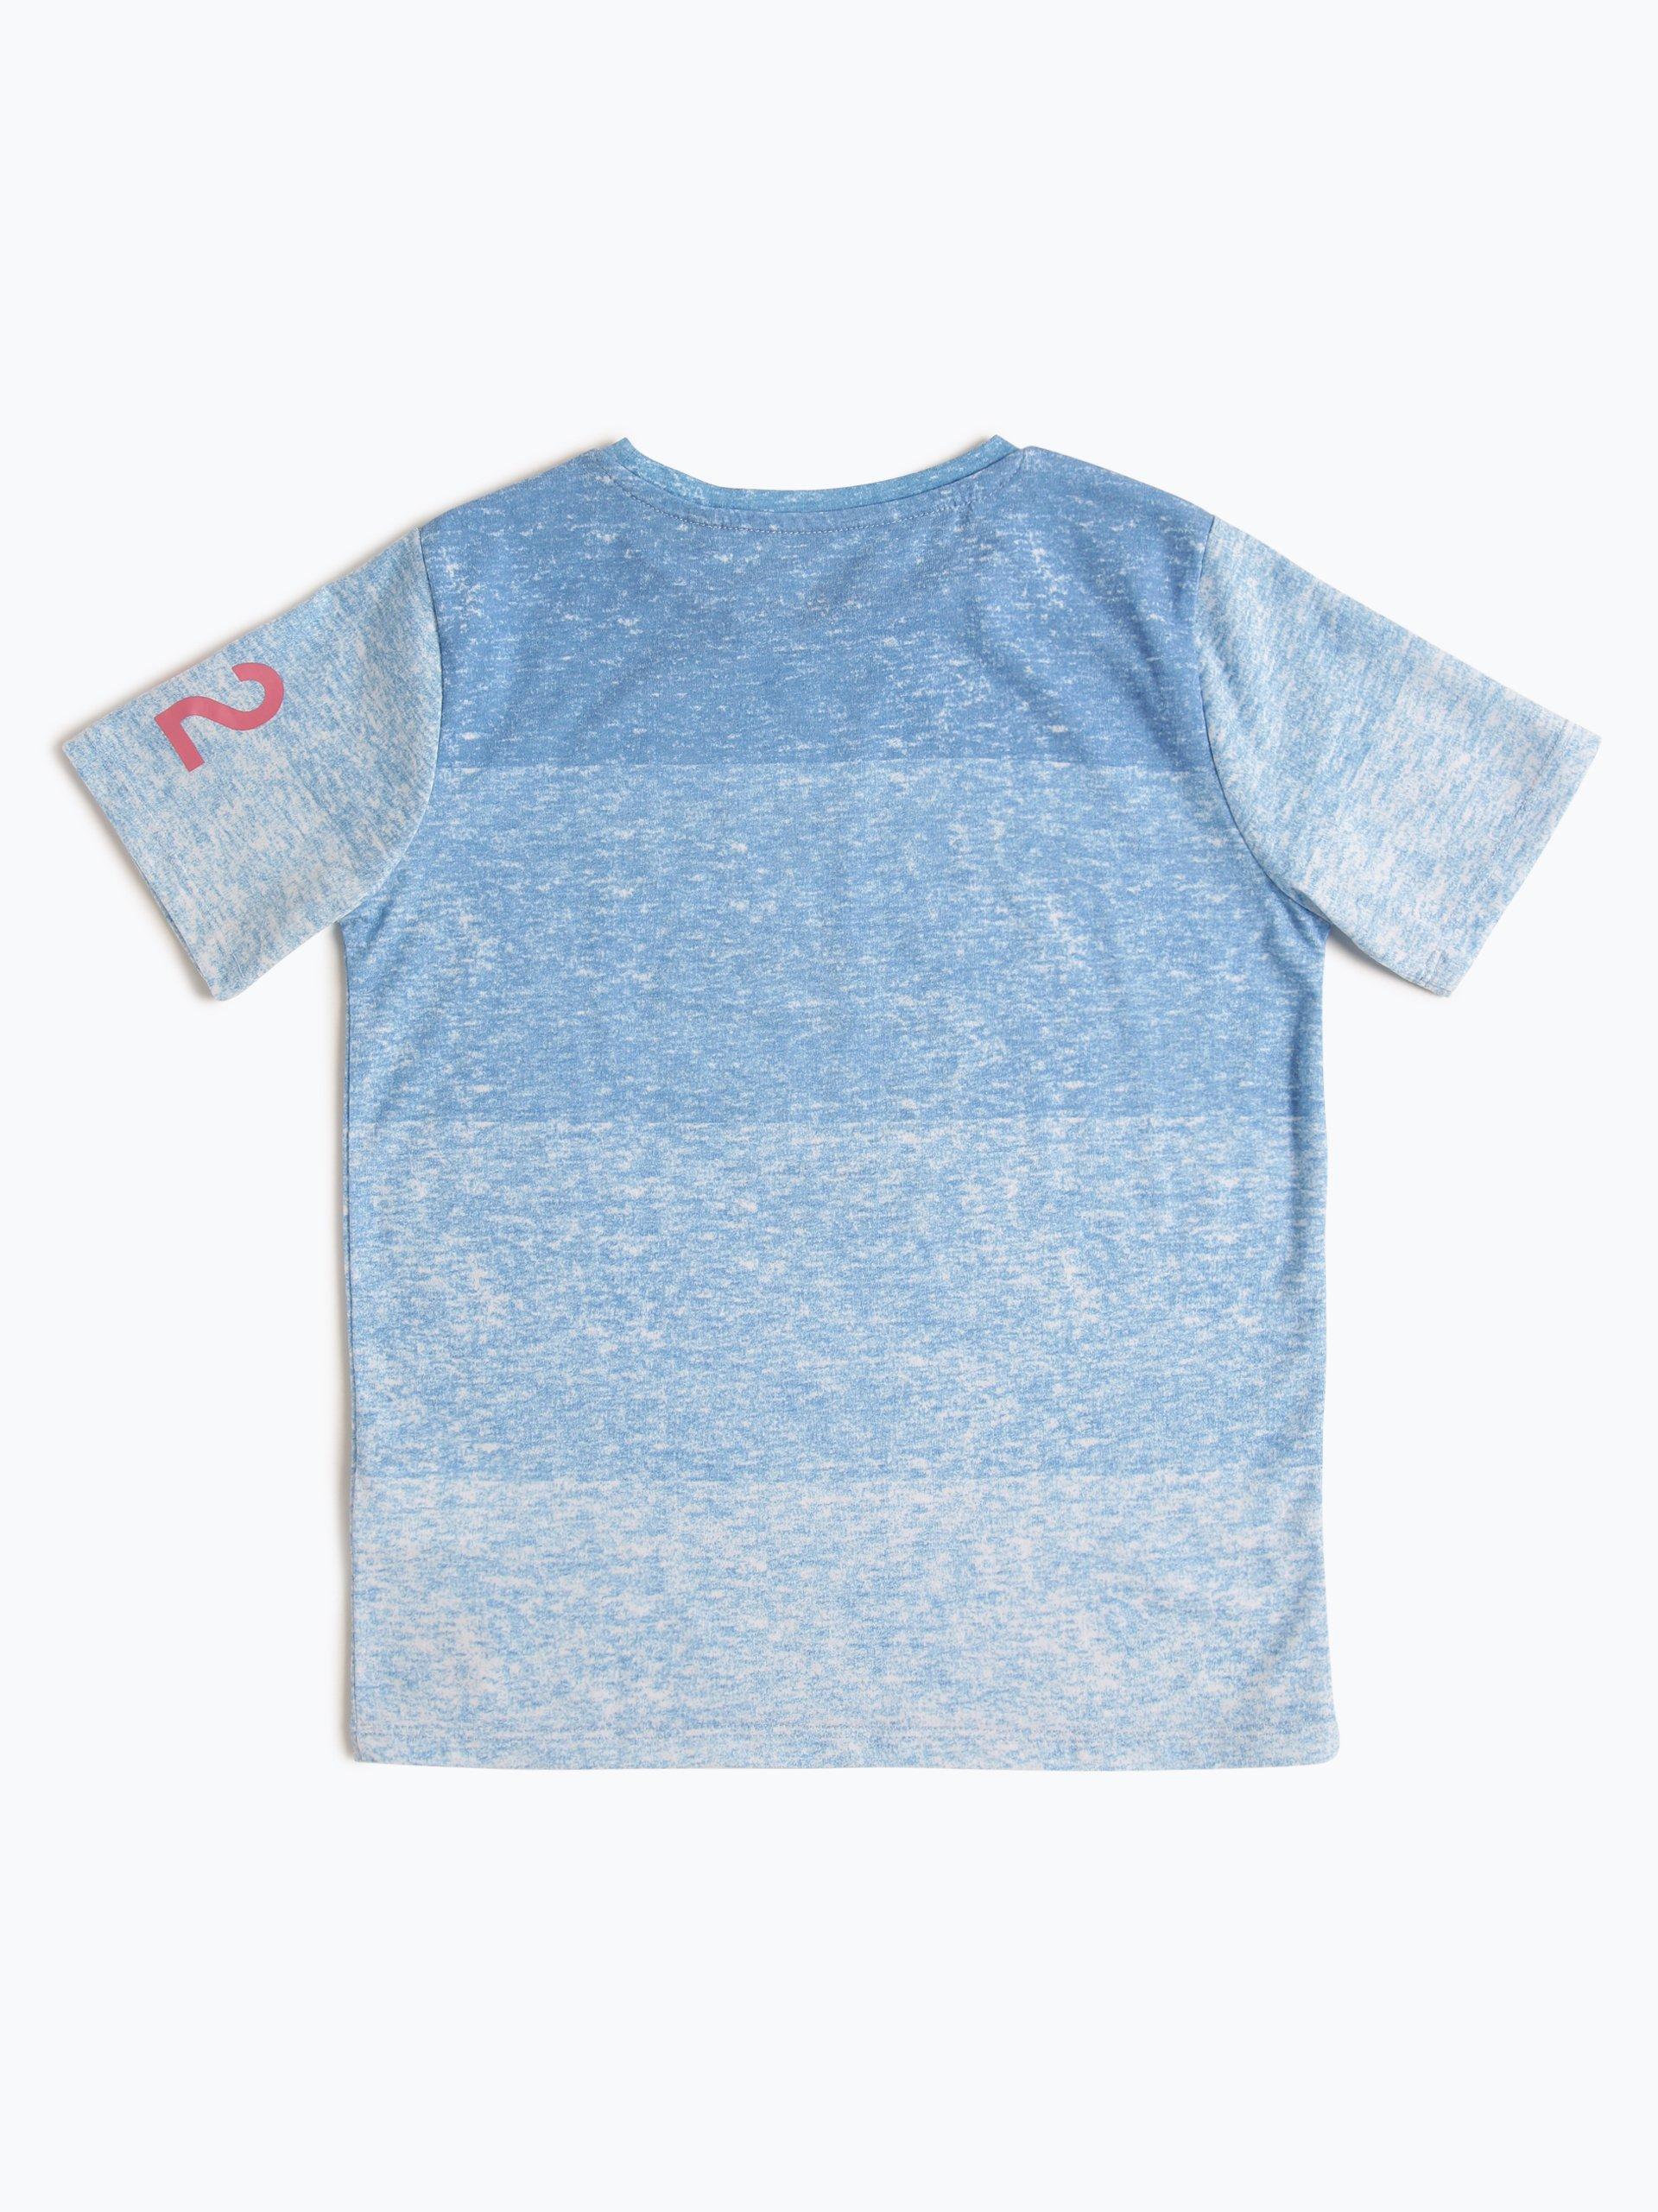 Tom Tailor Jungen T-Shirt